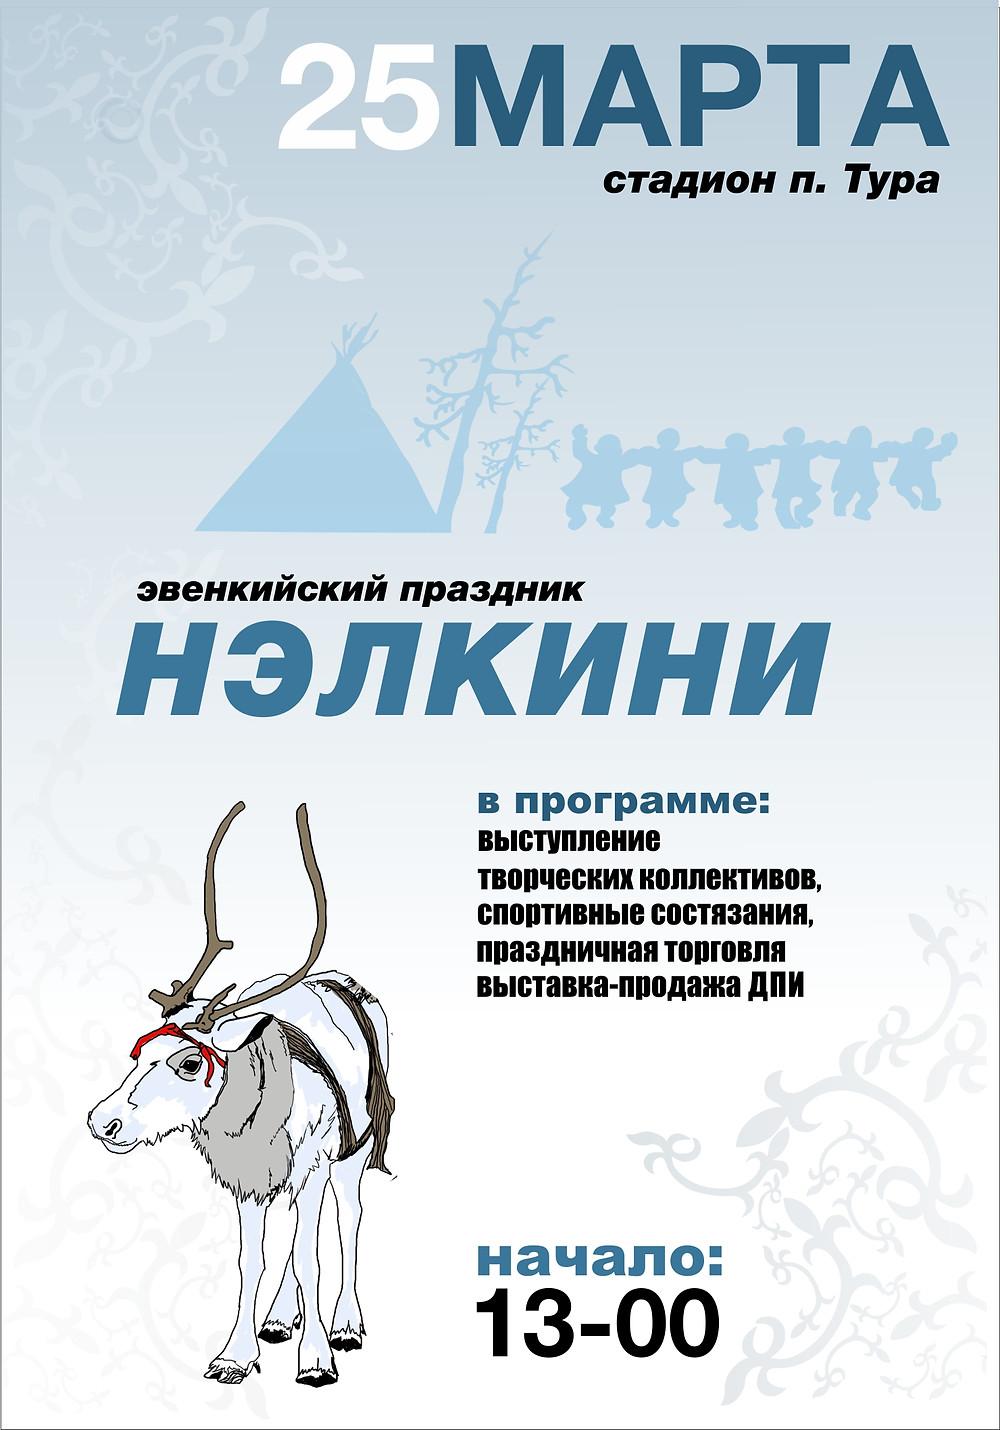 нэлкини праздник эвеникя мбук_эркдц